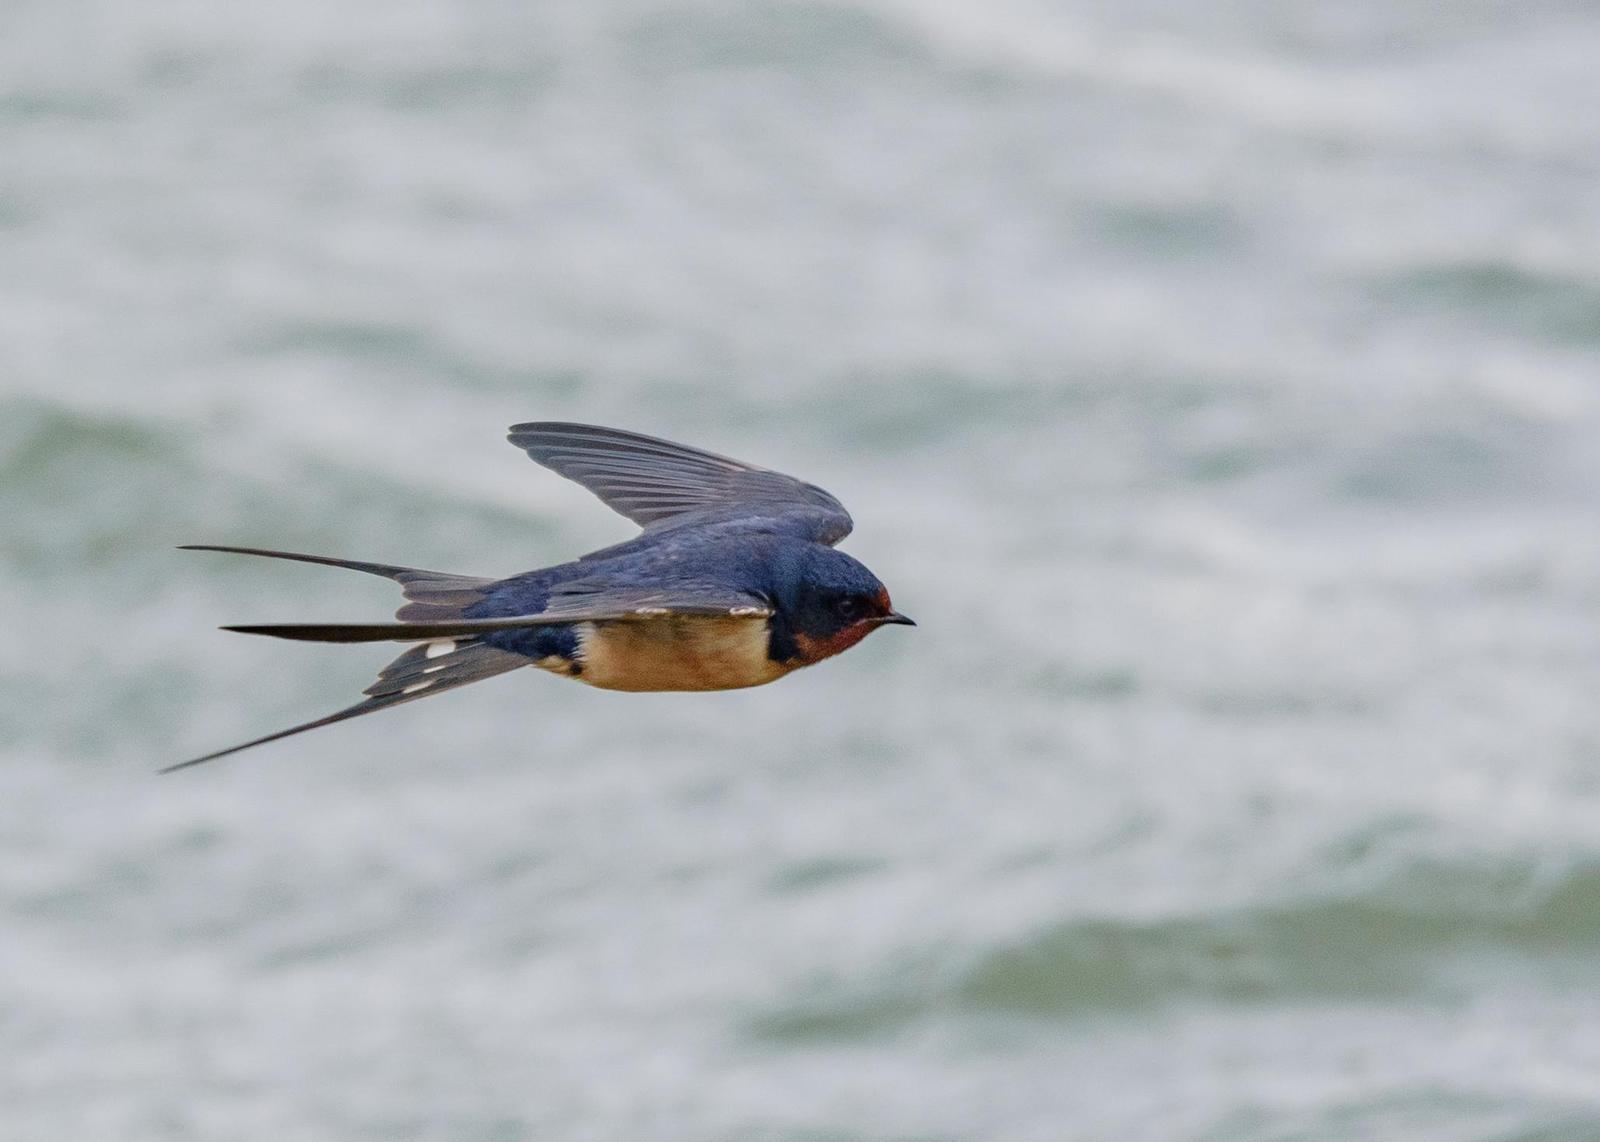 Barn Swallow Photo by Keshava Mysore